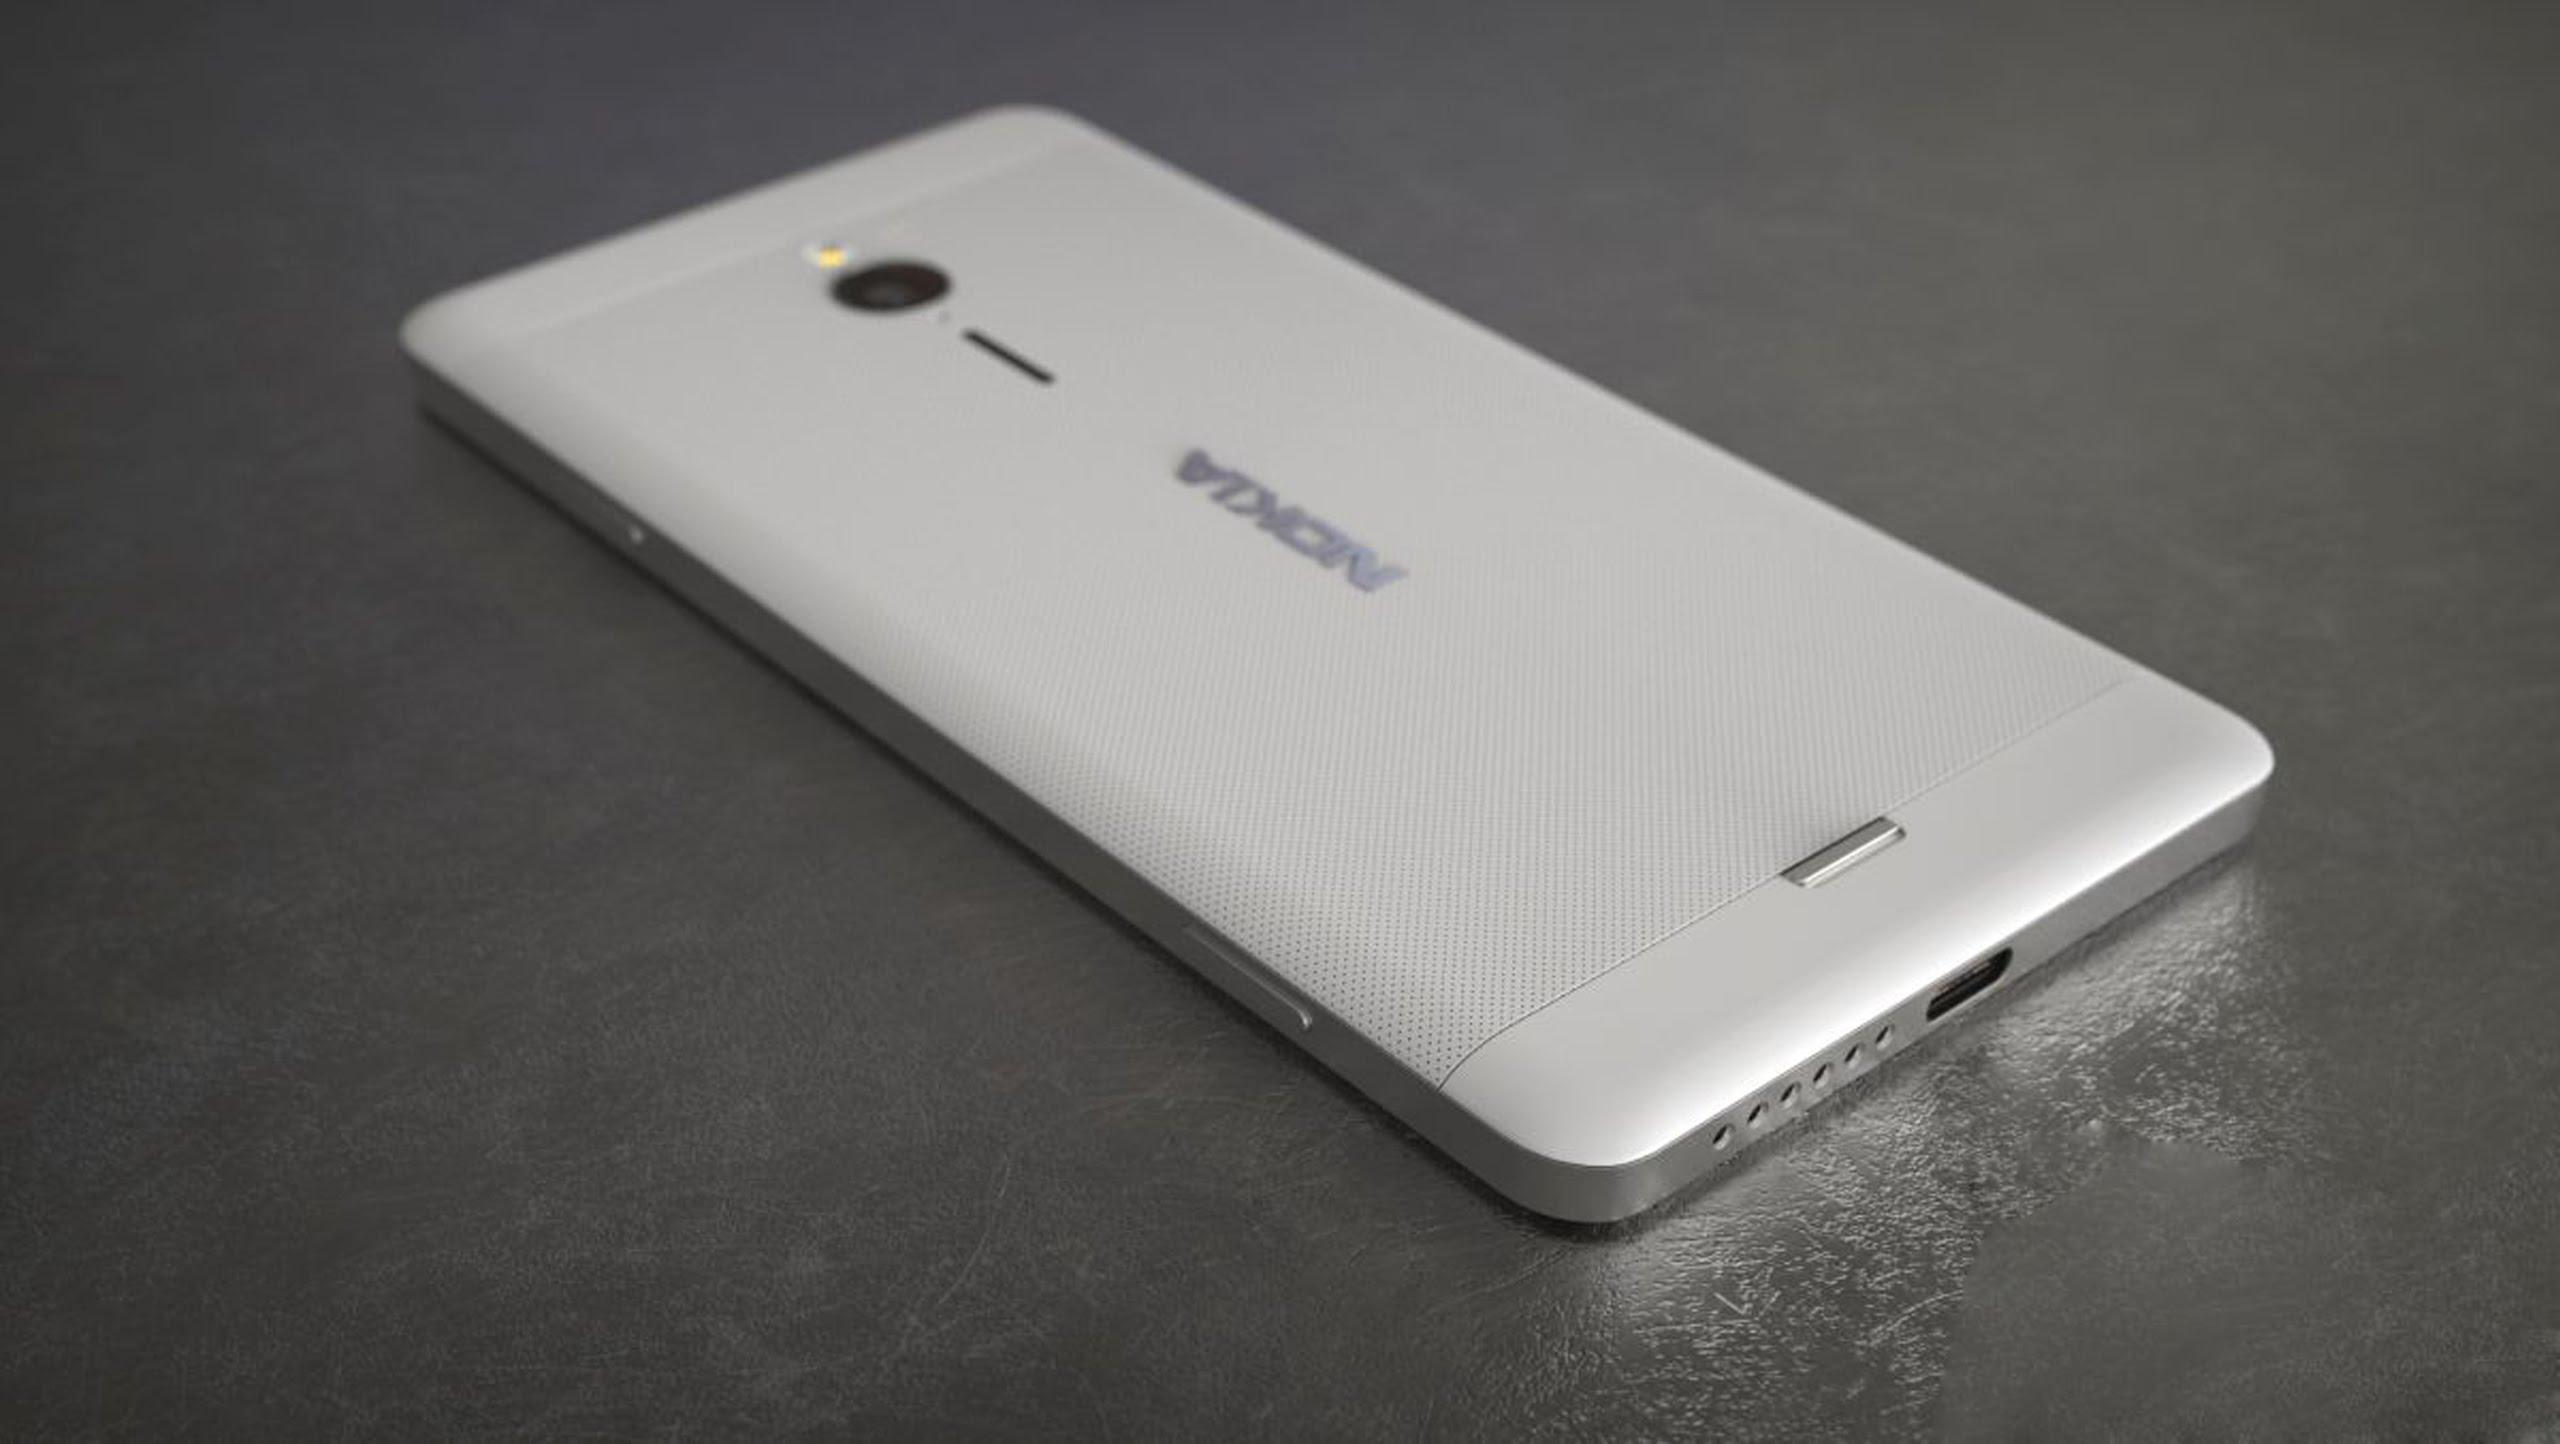 Nokia'nın yeni akıllı telefon modellerinin fiyatı belli oldu